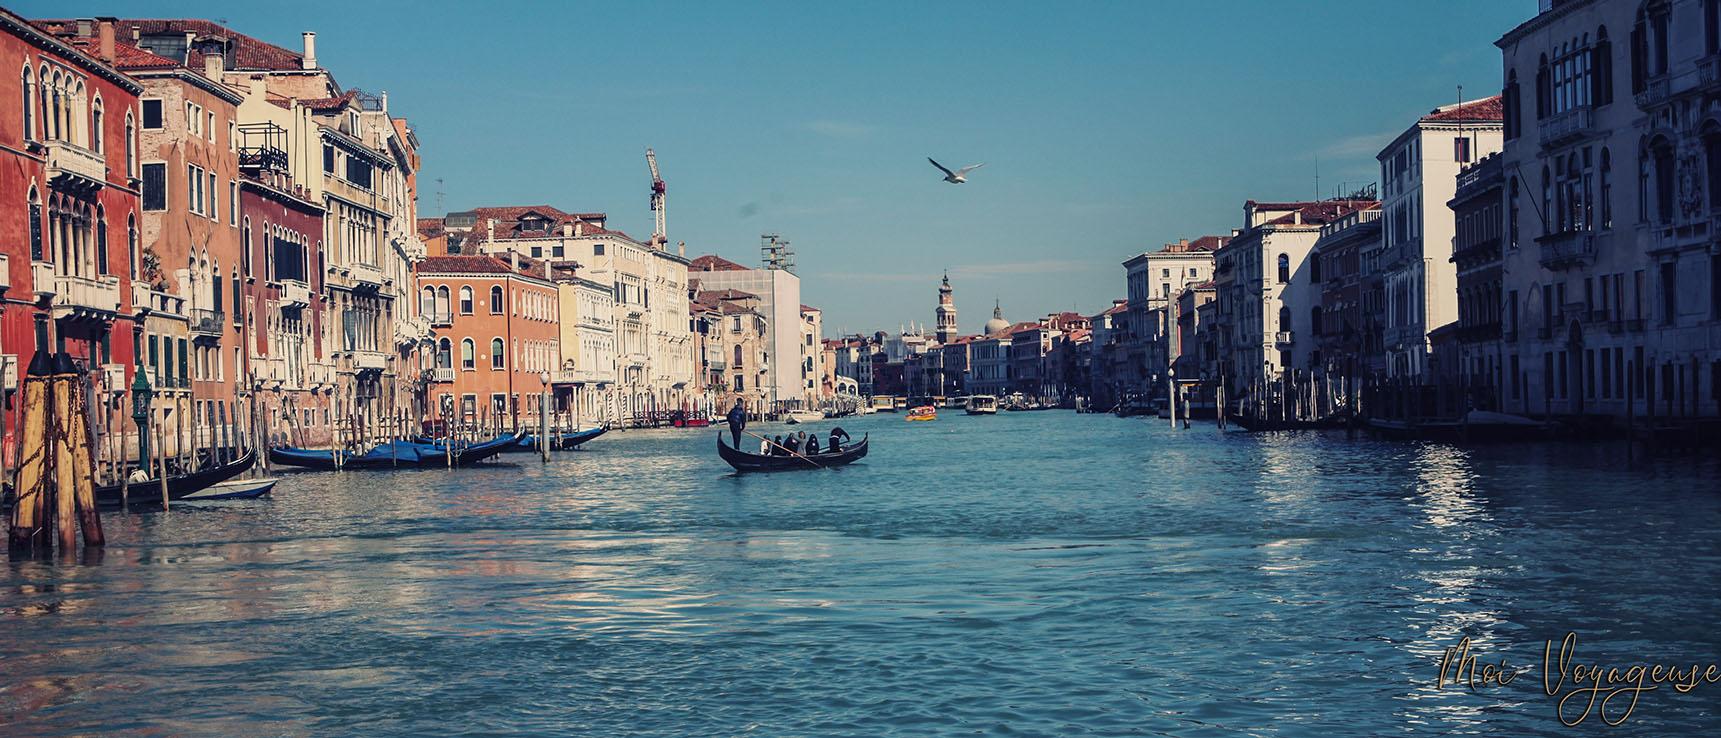 Depuis Vaporetto Venise grand canal gondole